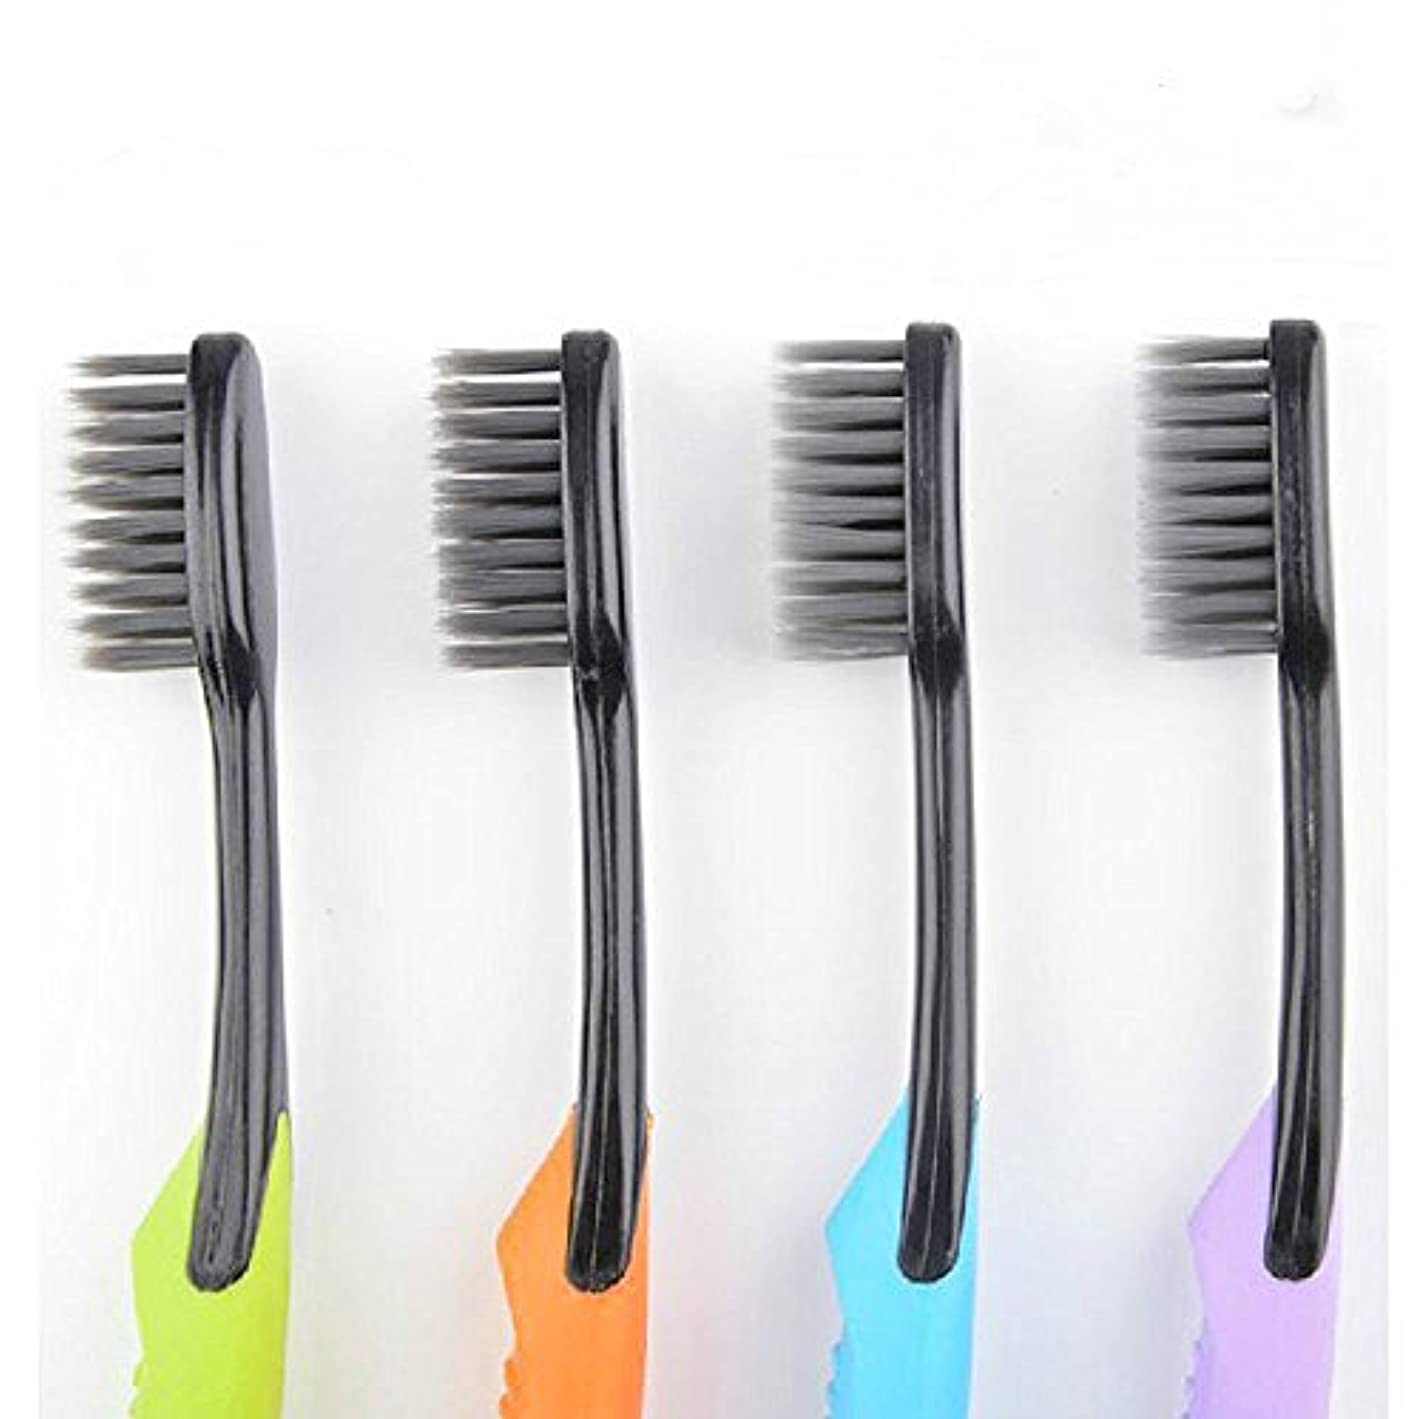 小さな副産物商品Cand Ultra Soft Adult Toothbrush, Bamboo Charcoal Bristle, Pack of 4 by Cand